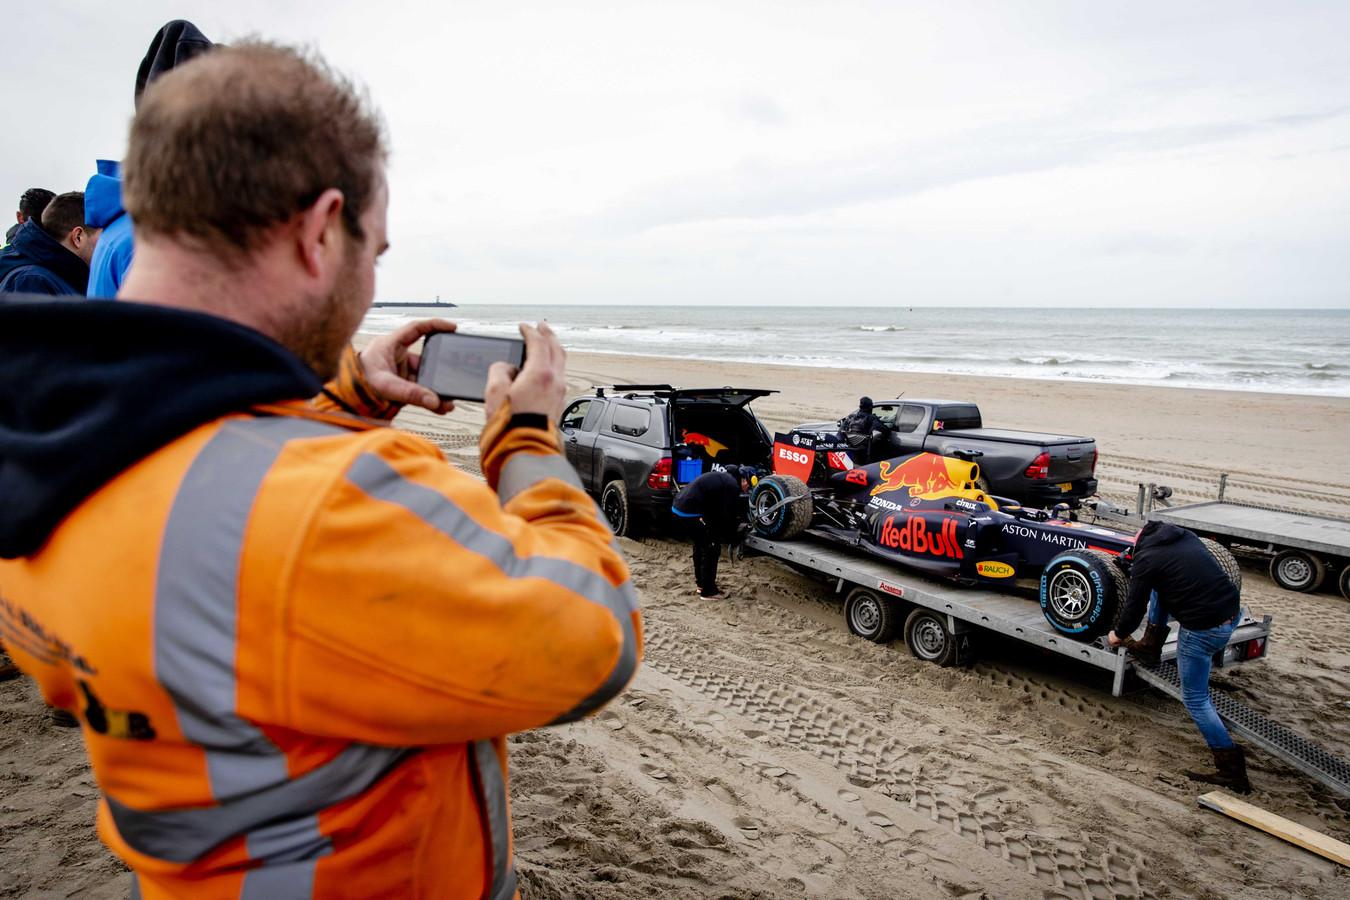 Foto ter illustratie. Een racewagen van Red Bull Racing eind januari op het strand van Scheveningen voor opnames van een promotiefilm voor de Formule 1 van Zandvoort.